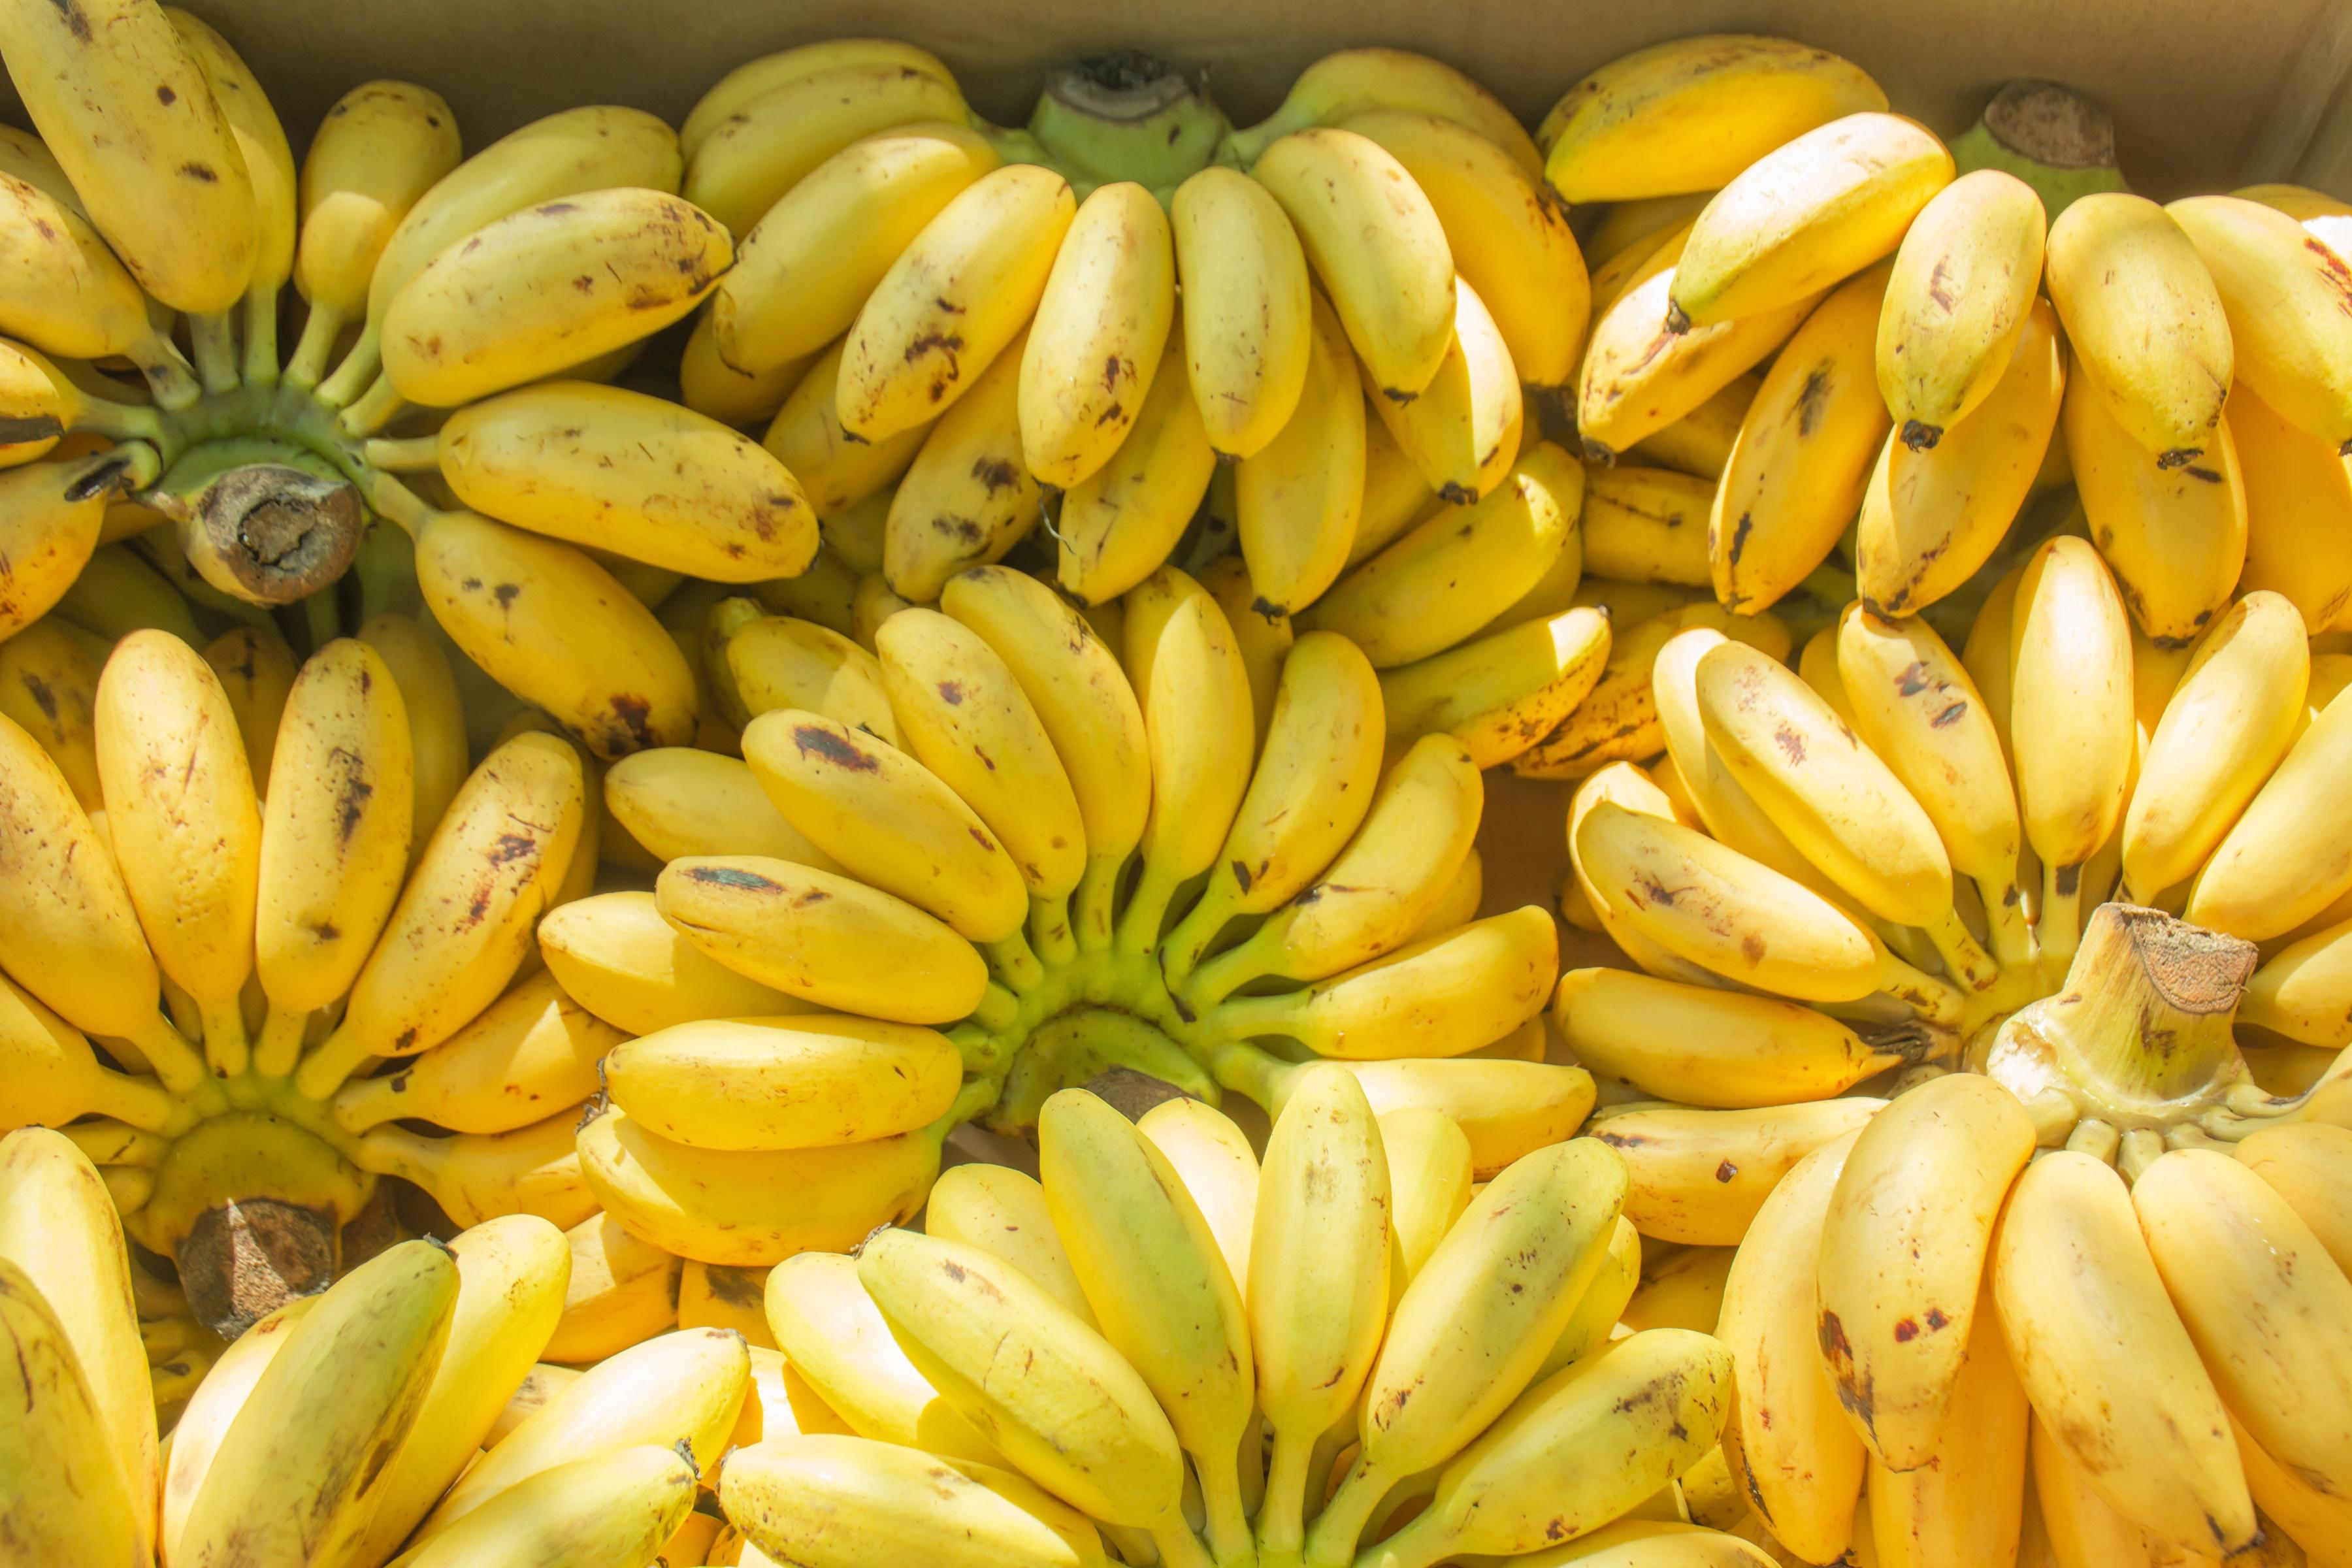 bananas for bananas!